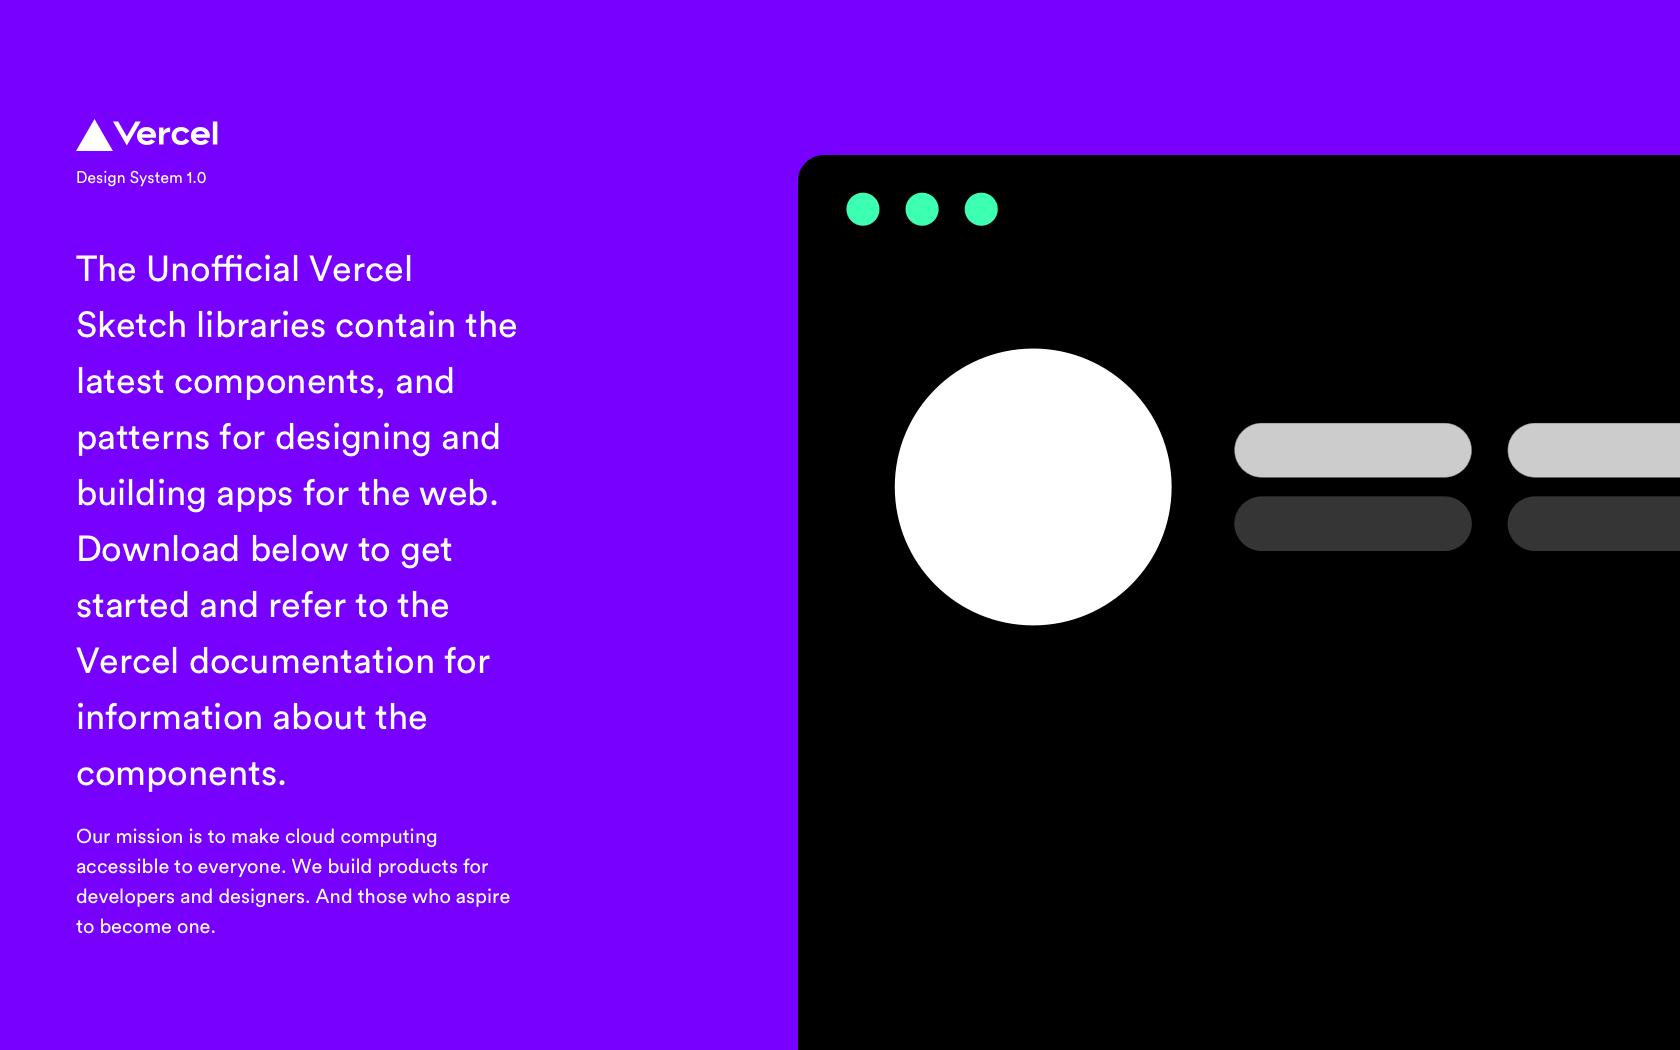 Sketch Libraries For Ui Designers Based On Vercel Design System For Ui Designers Product Hunt